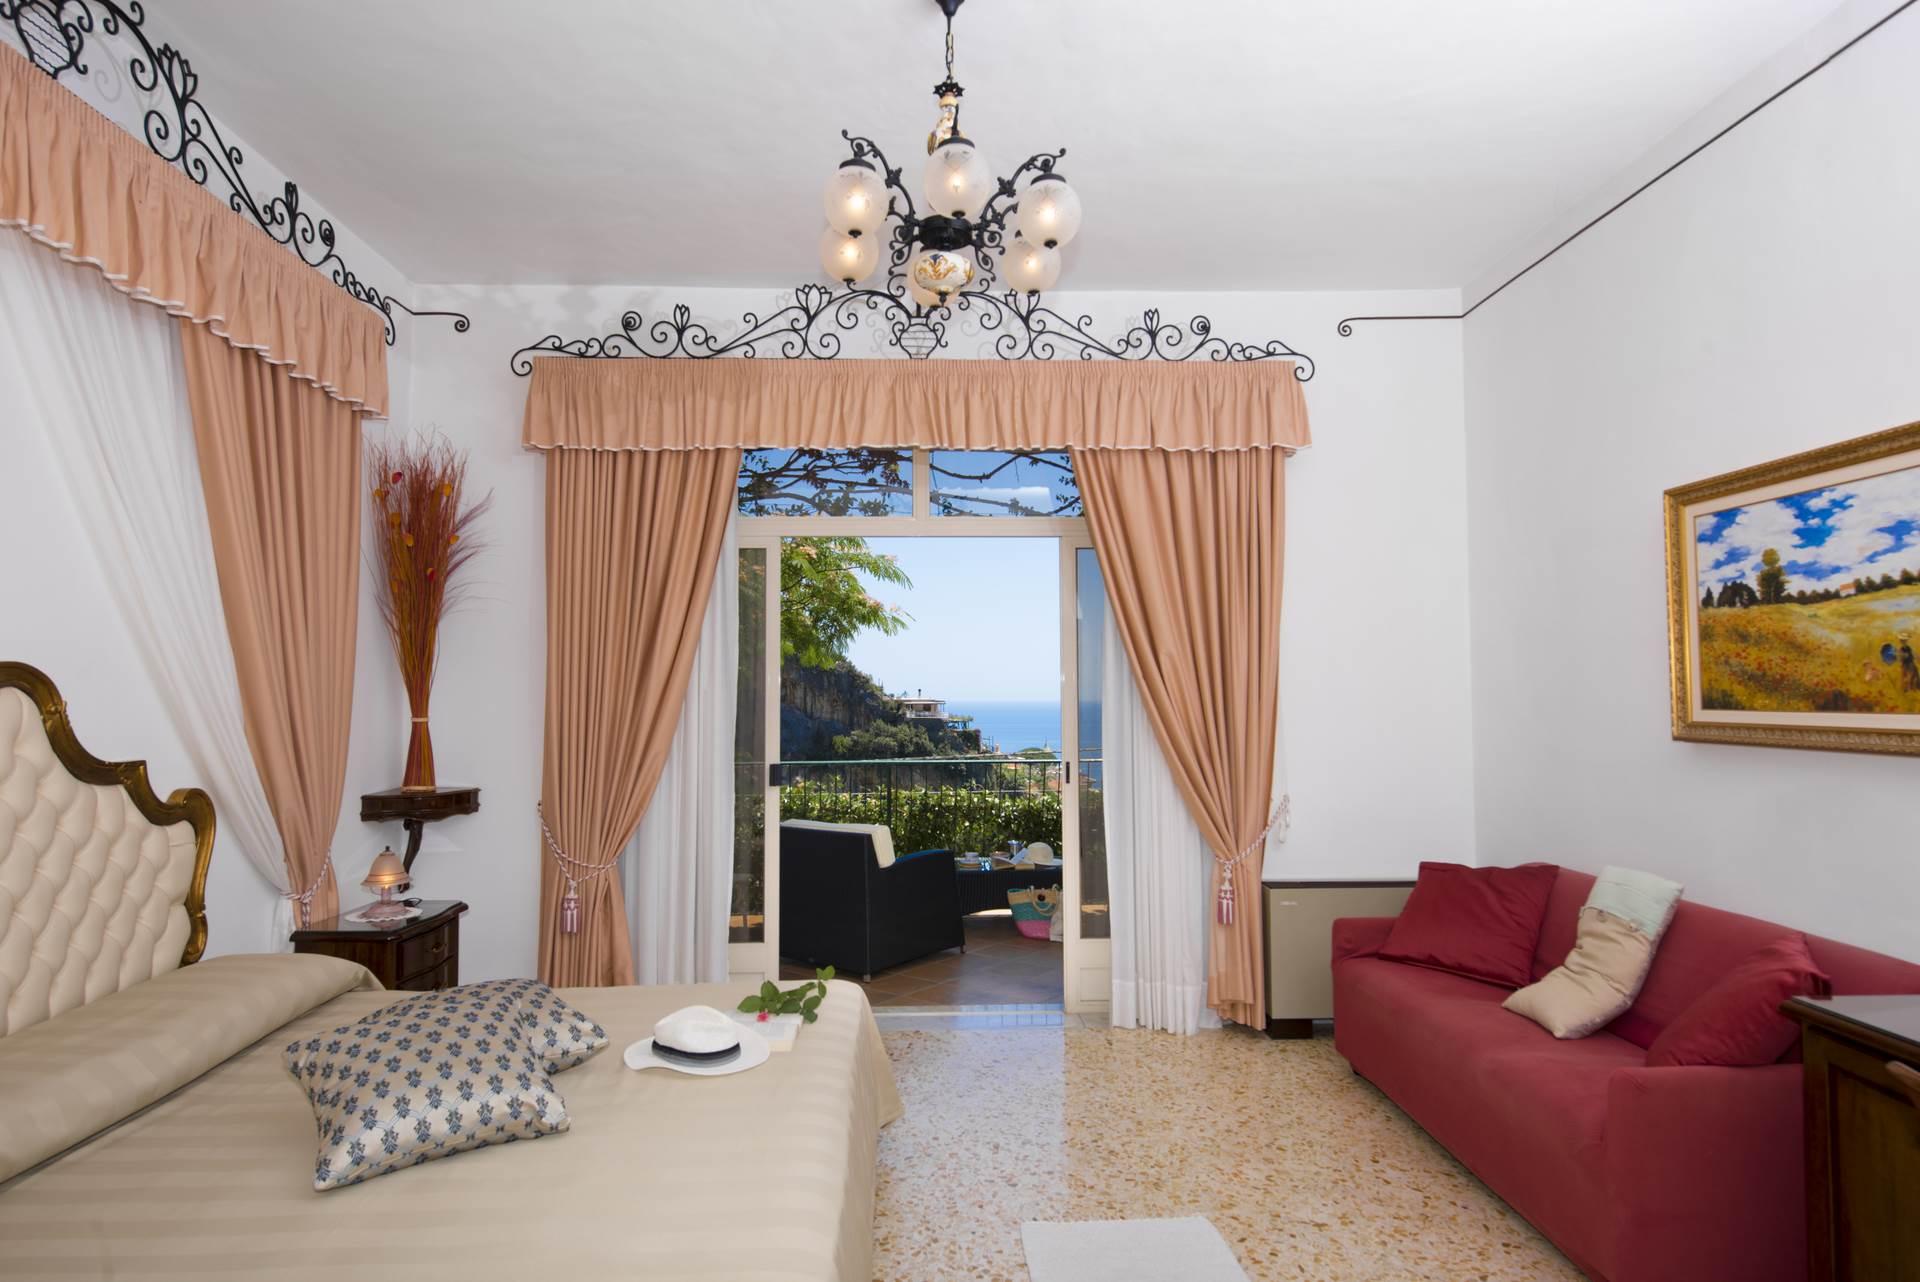 5hotel_pellegrino_praiano_seconda_serie_12_1920